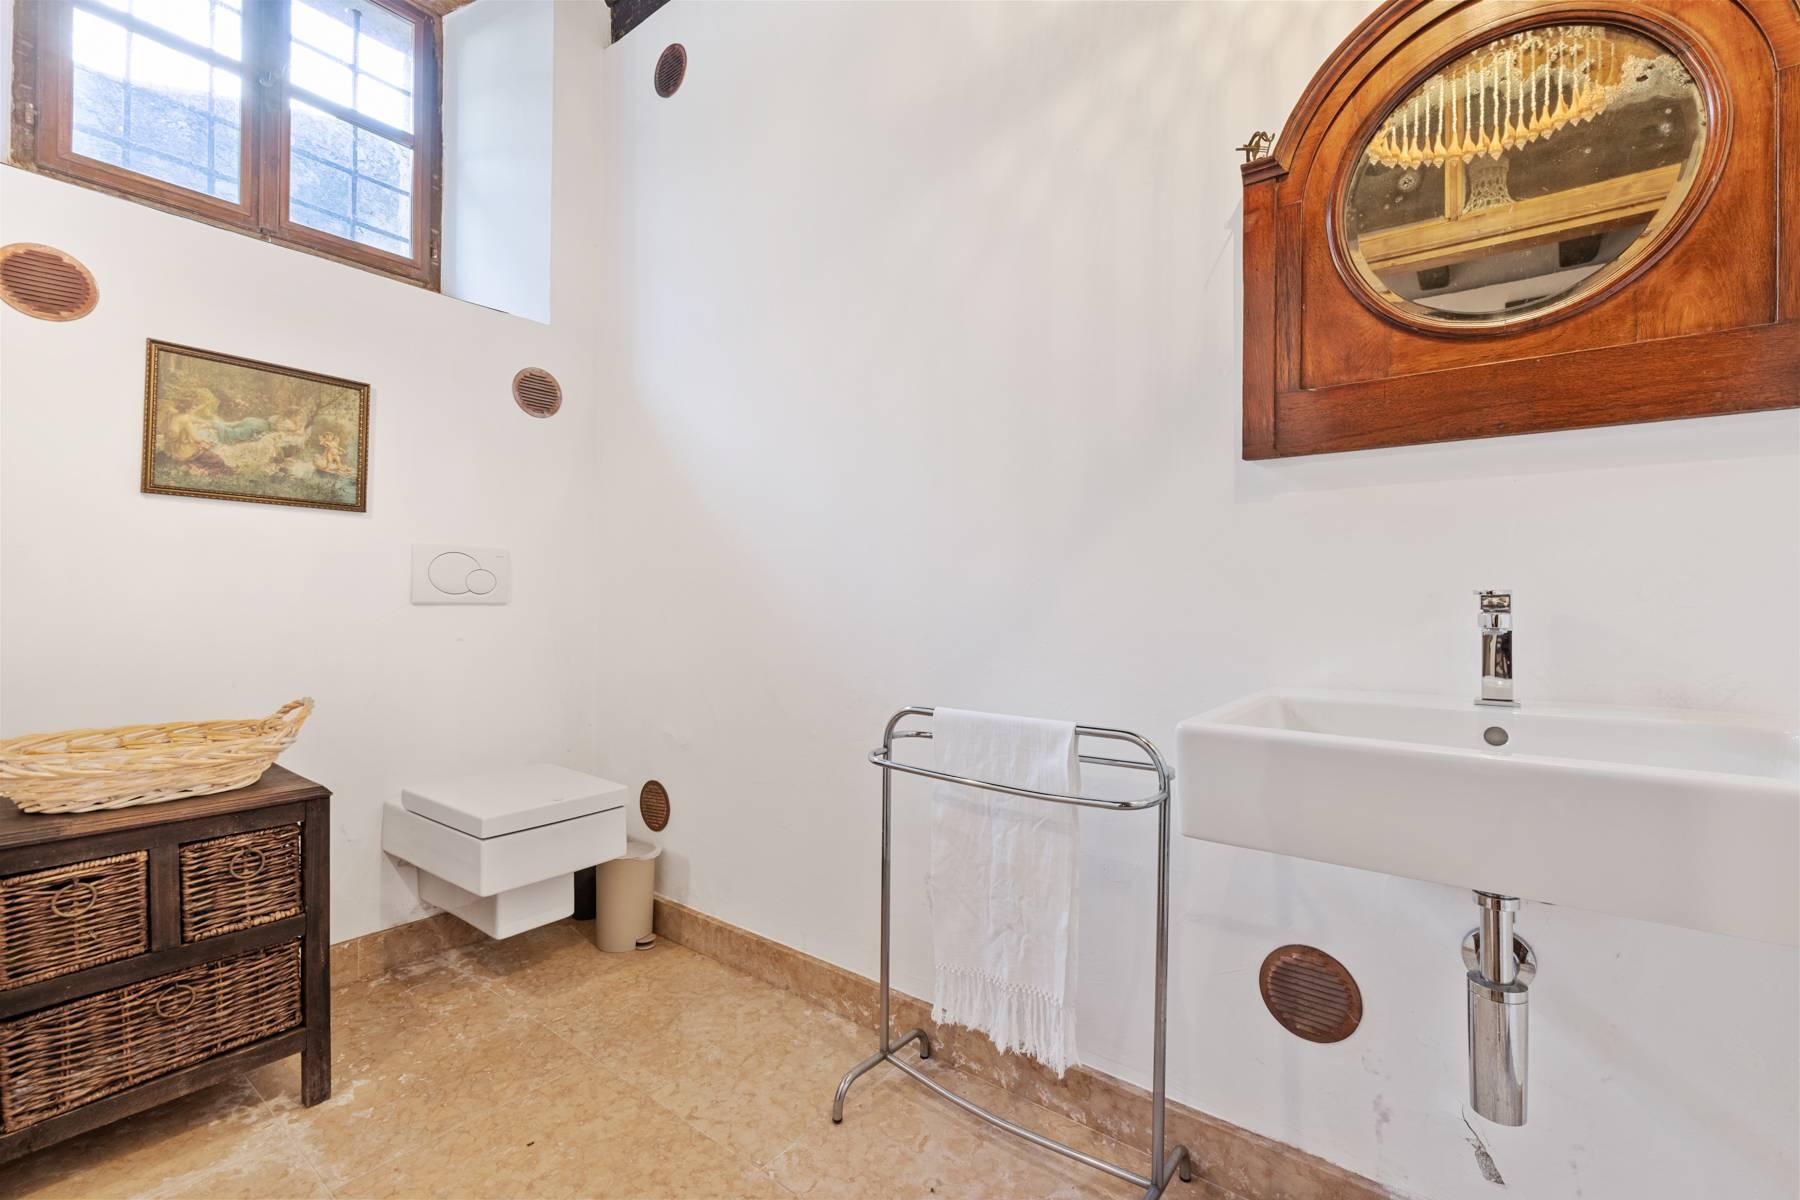 Rustico in Vendita a Caprino Veronese: 5 locali, 770 mq - Foto 8